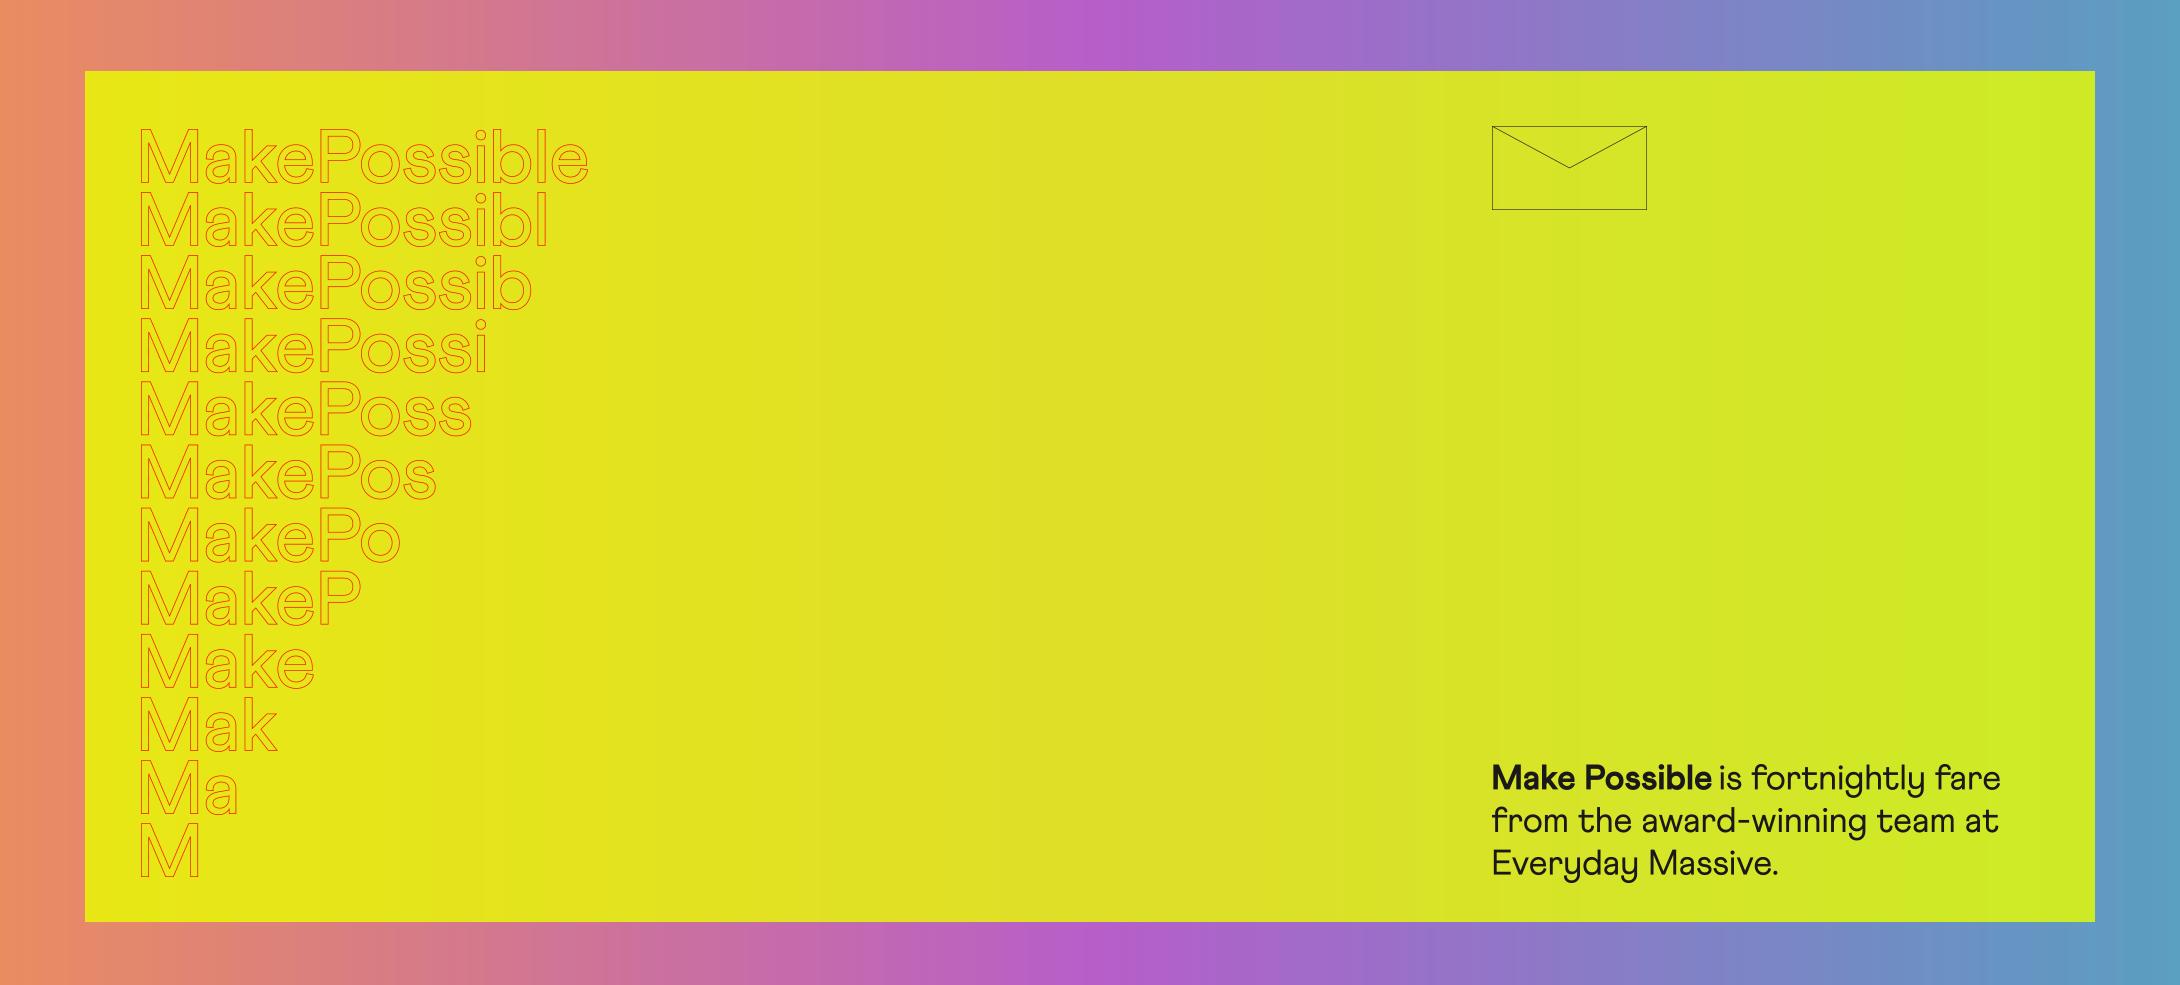 EverydayMassive_MakePossible.png